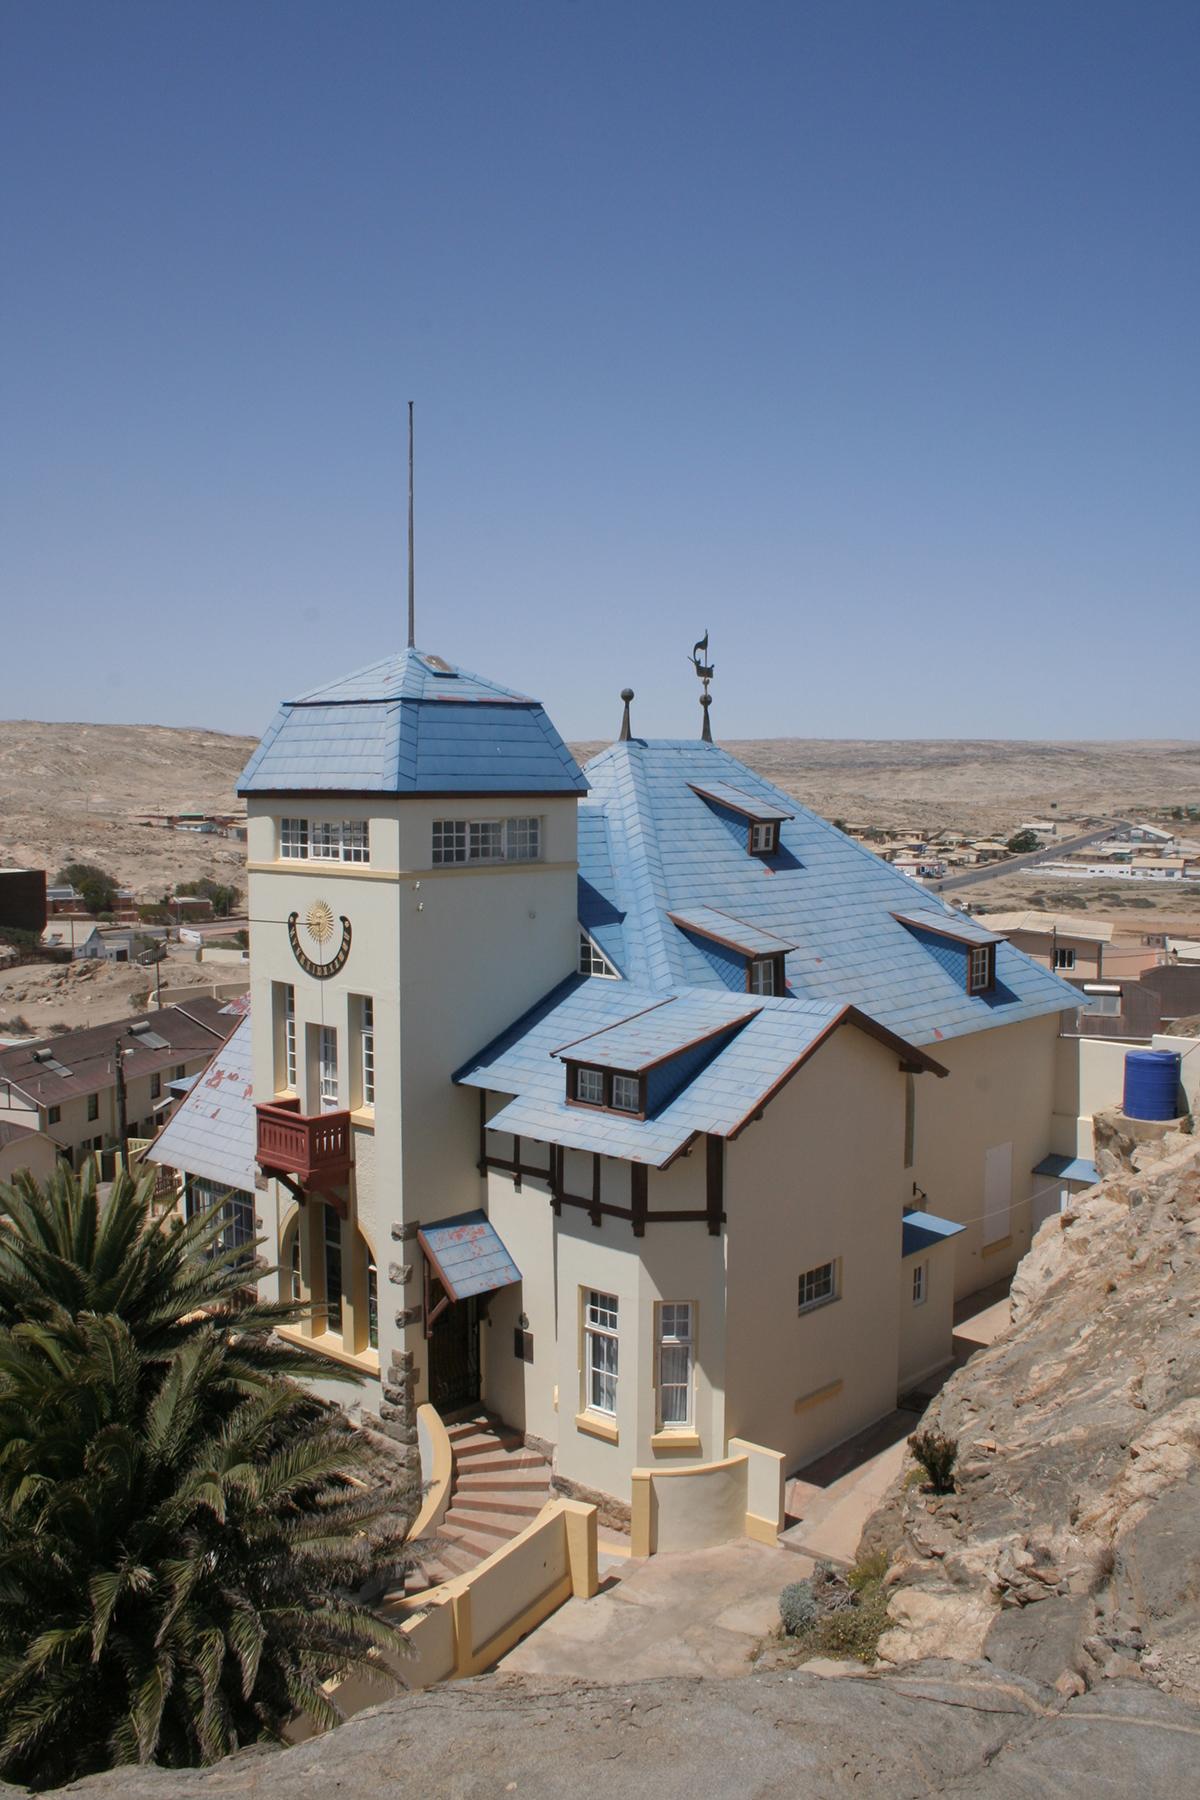 Goerke Haus in Lüderitz. Nationales Denkmal.